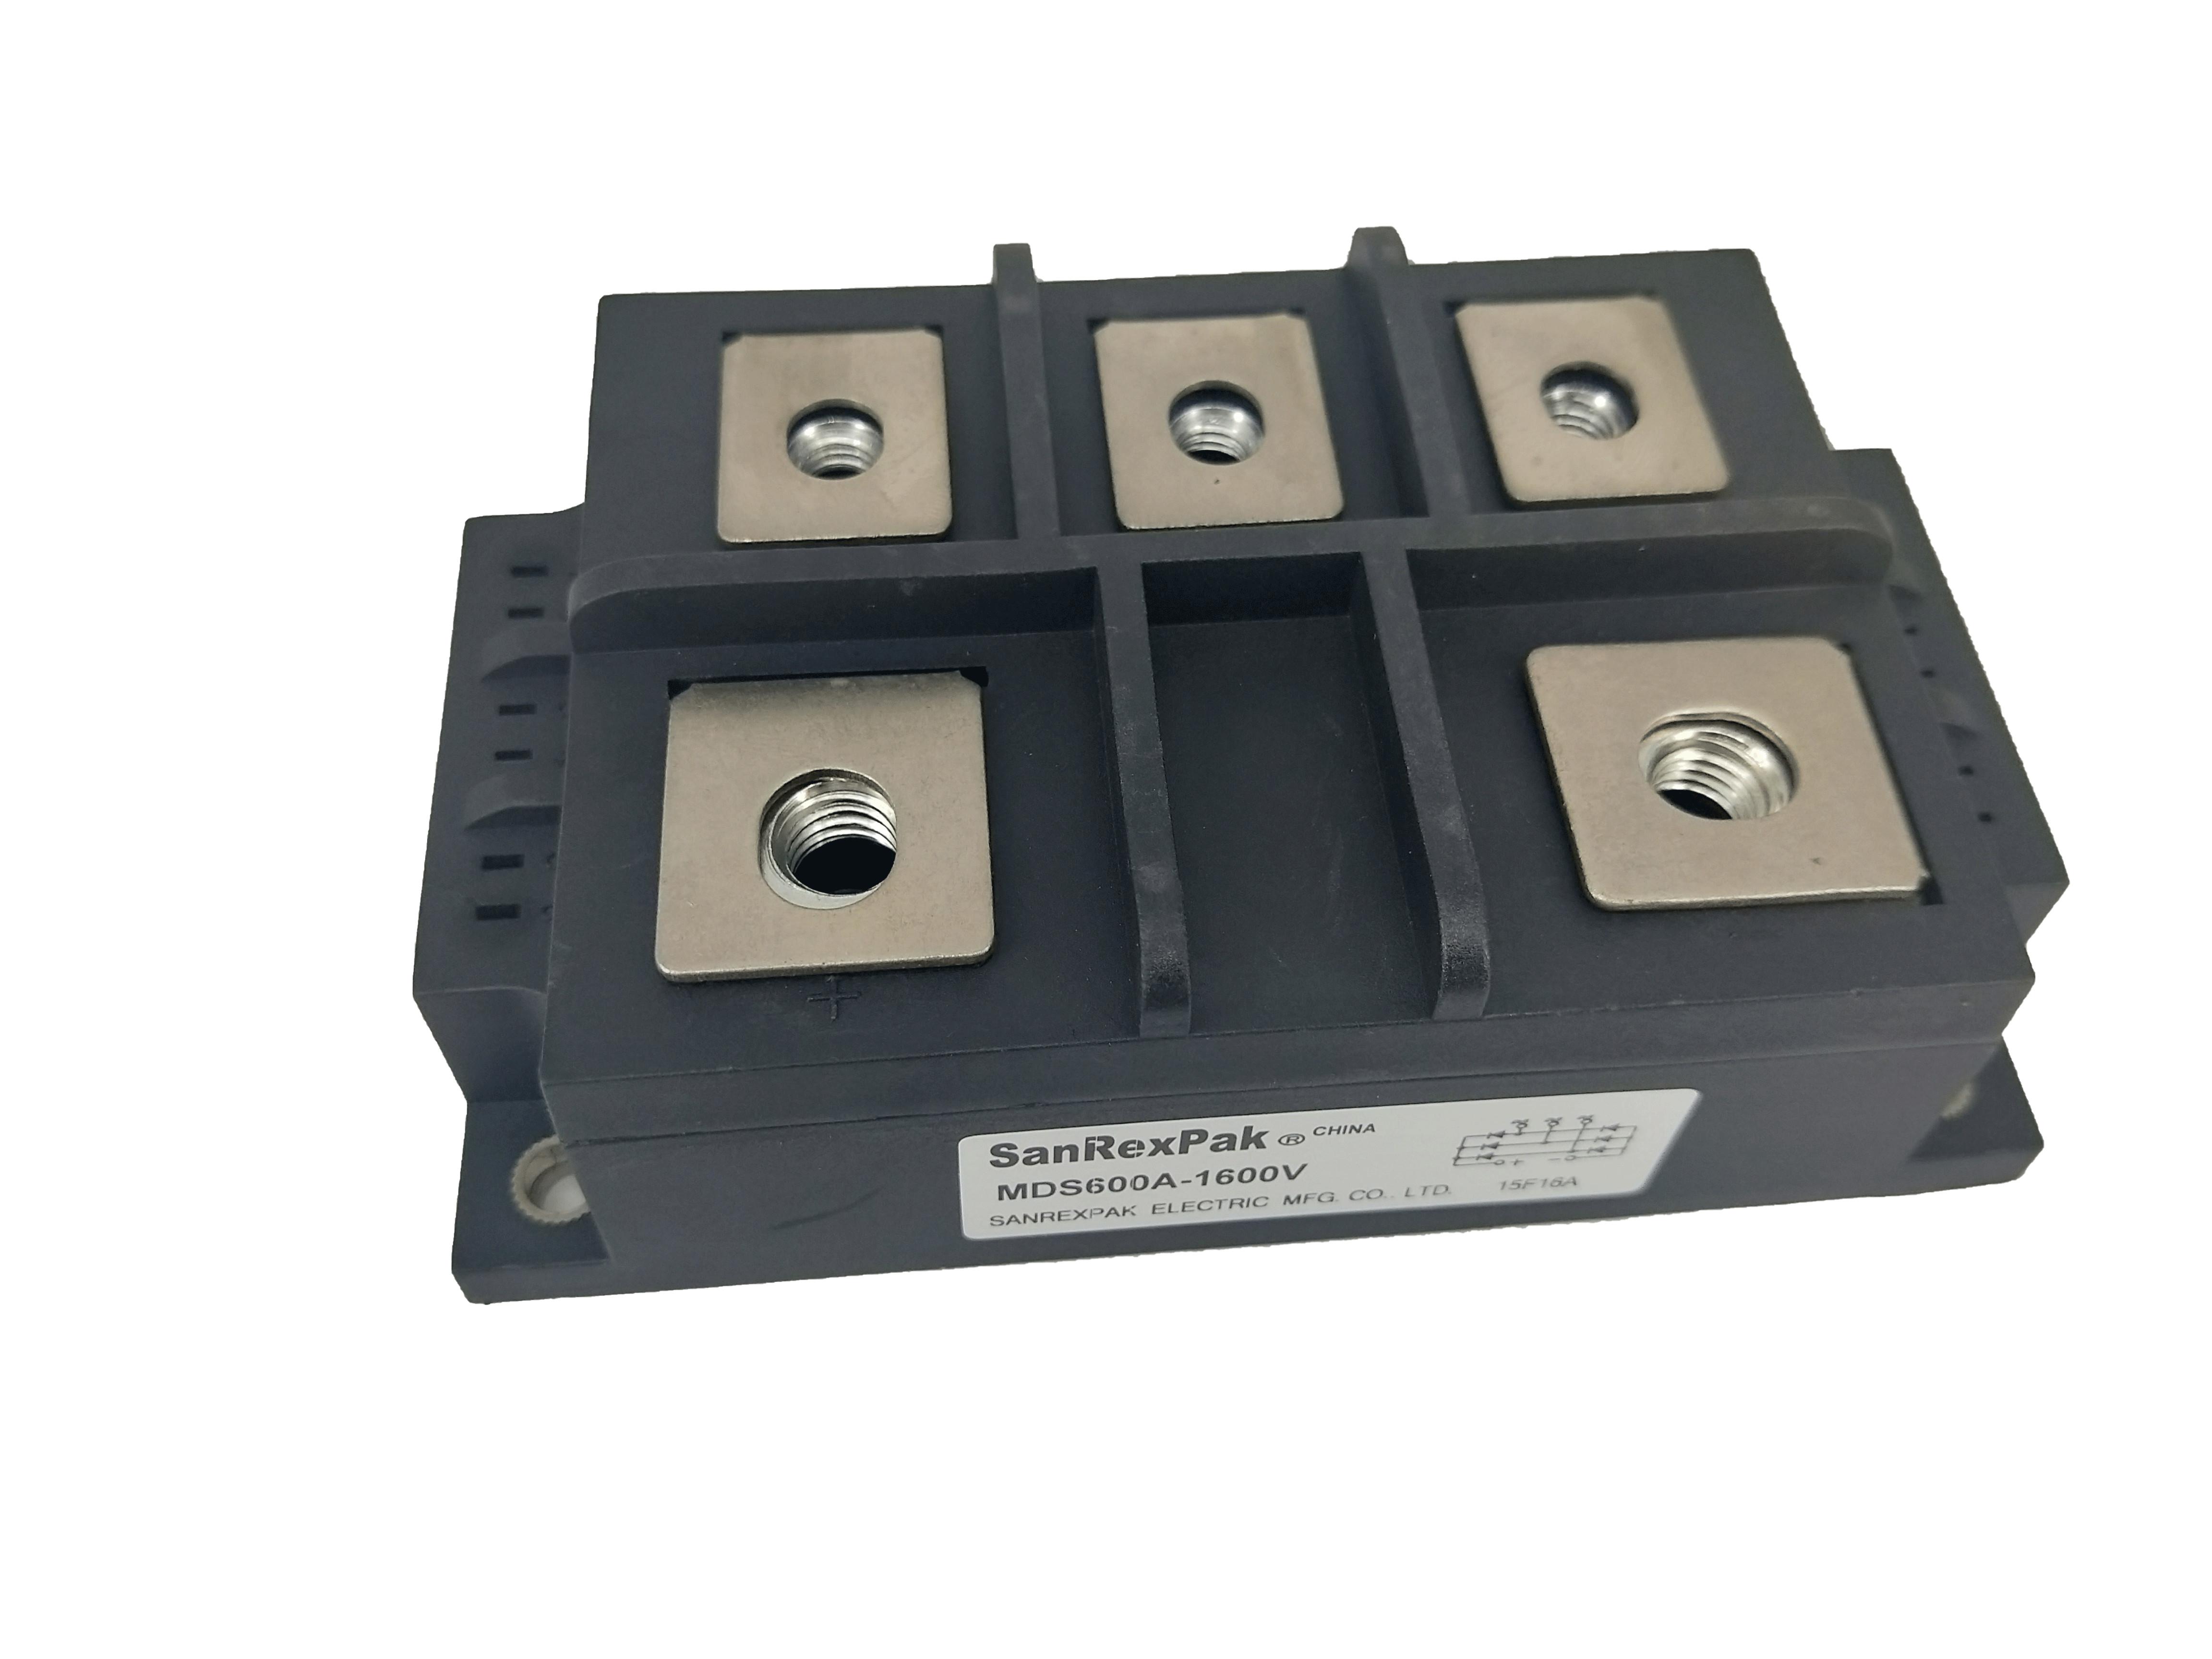 三社整流桥模块 MDS60-18 可控硅模块 全新原装现货 直销